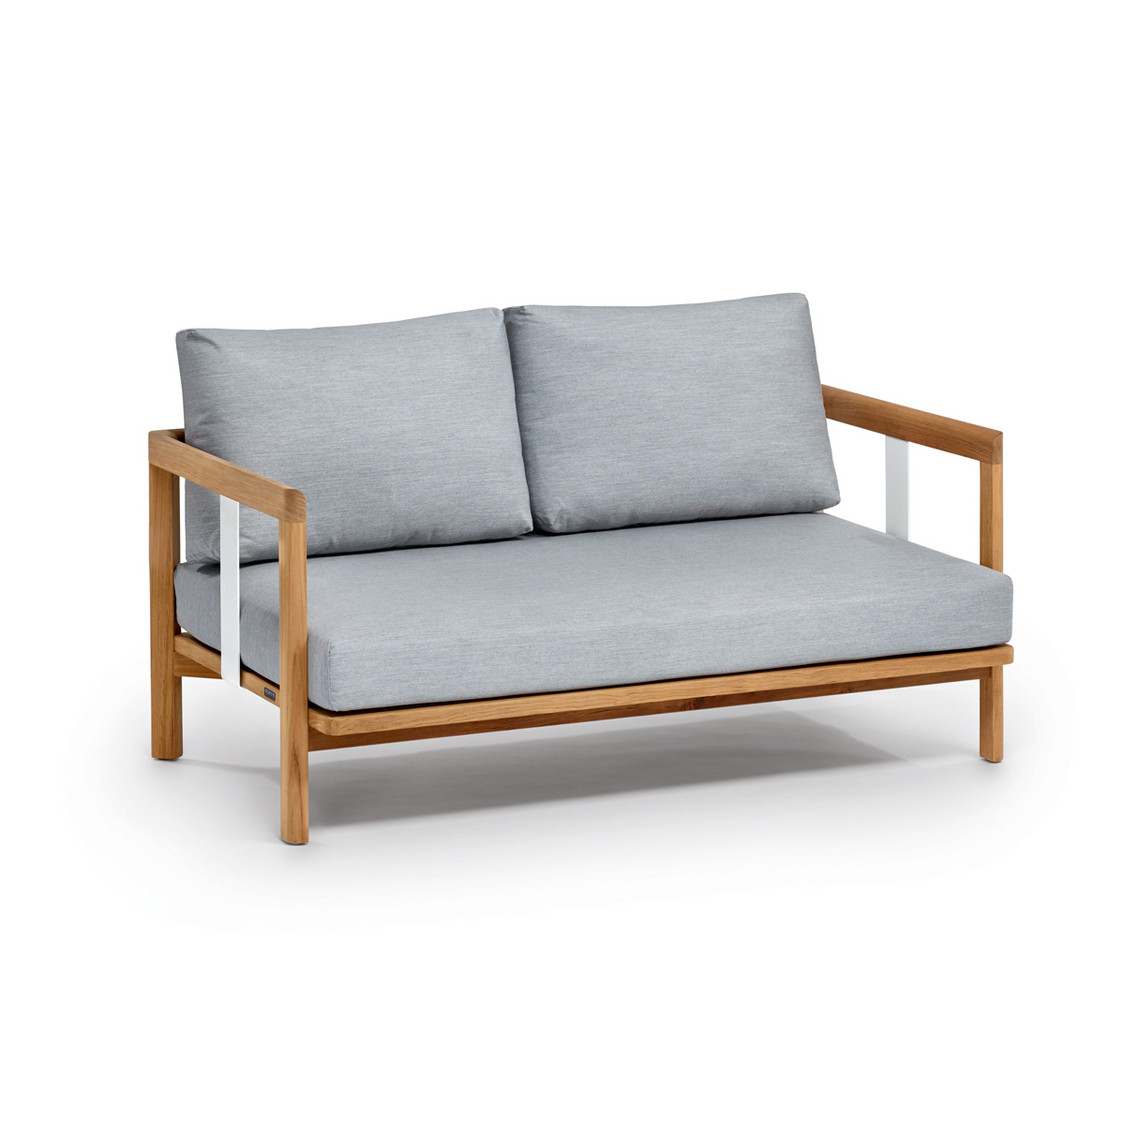 Garten Lounge Sofa New Hampton 2 Sitzer Hauptstadtmoebelde